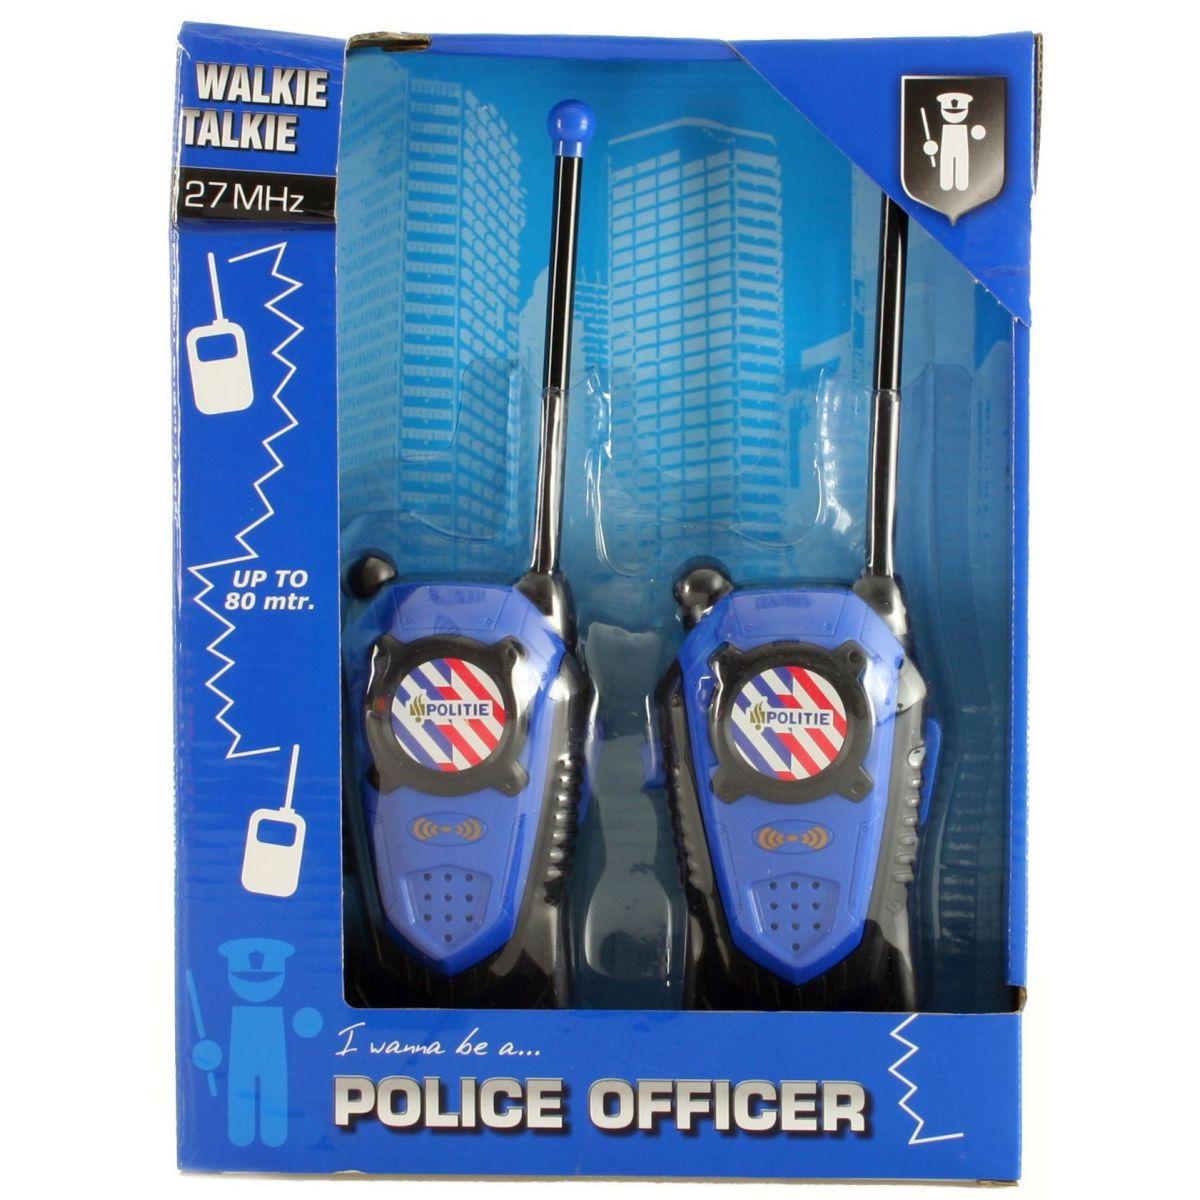 Policejní vysílačky